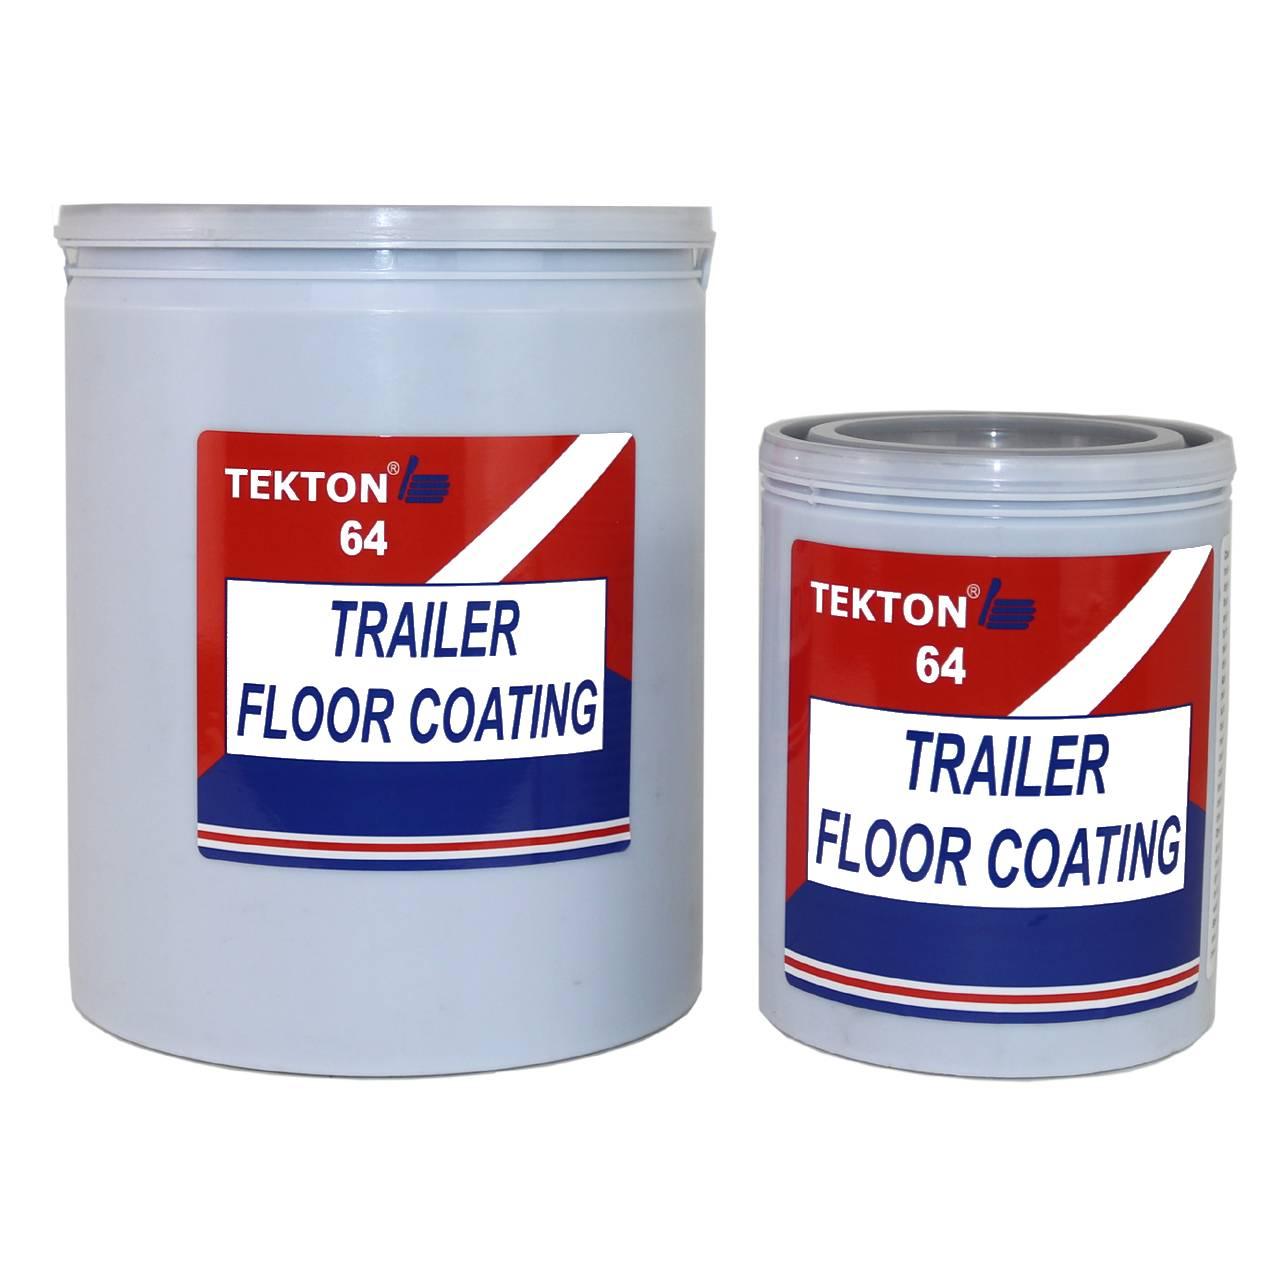 trailer-floor-coating